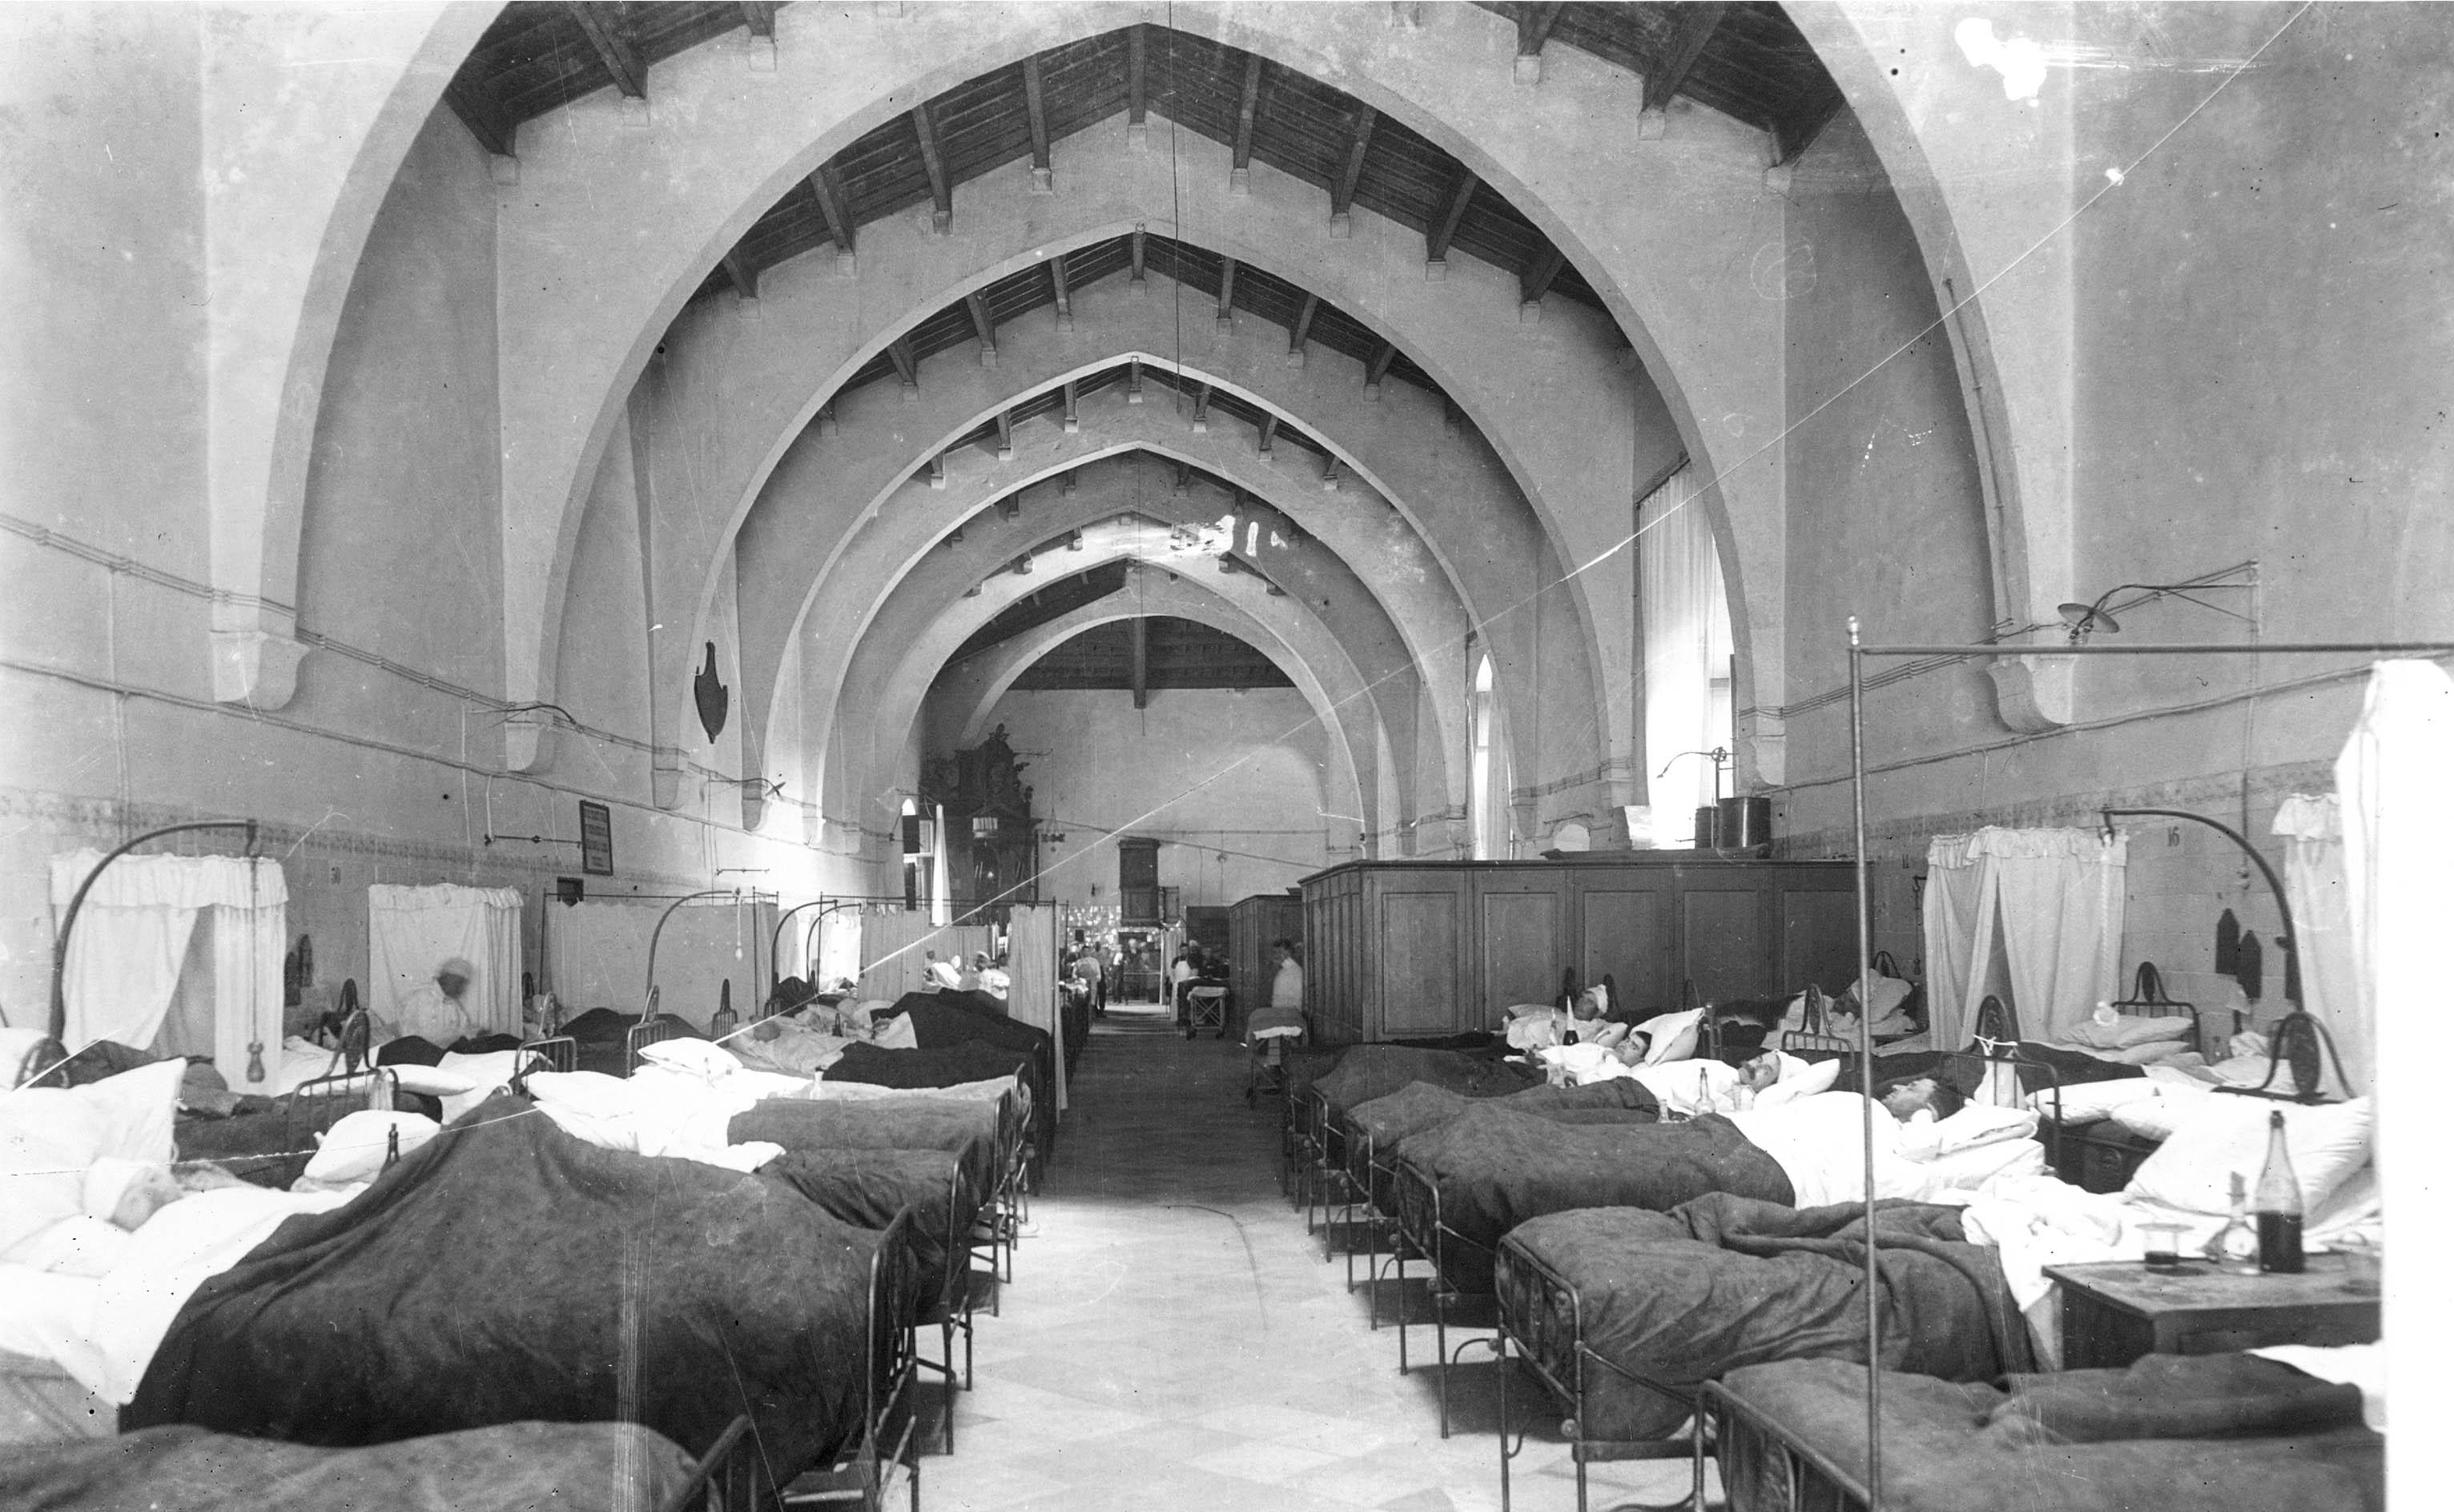 7 imagens que mostram como eram os hospícios antes da medicina moderna